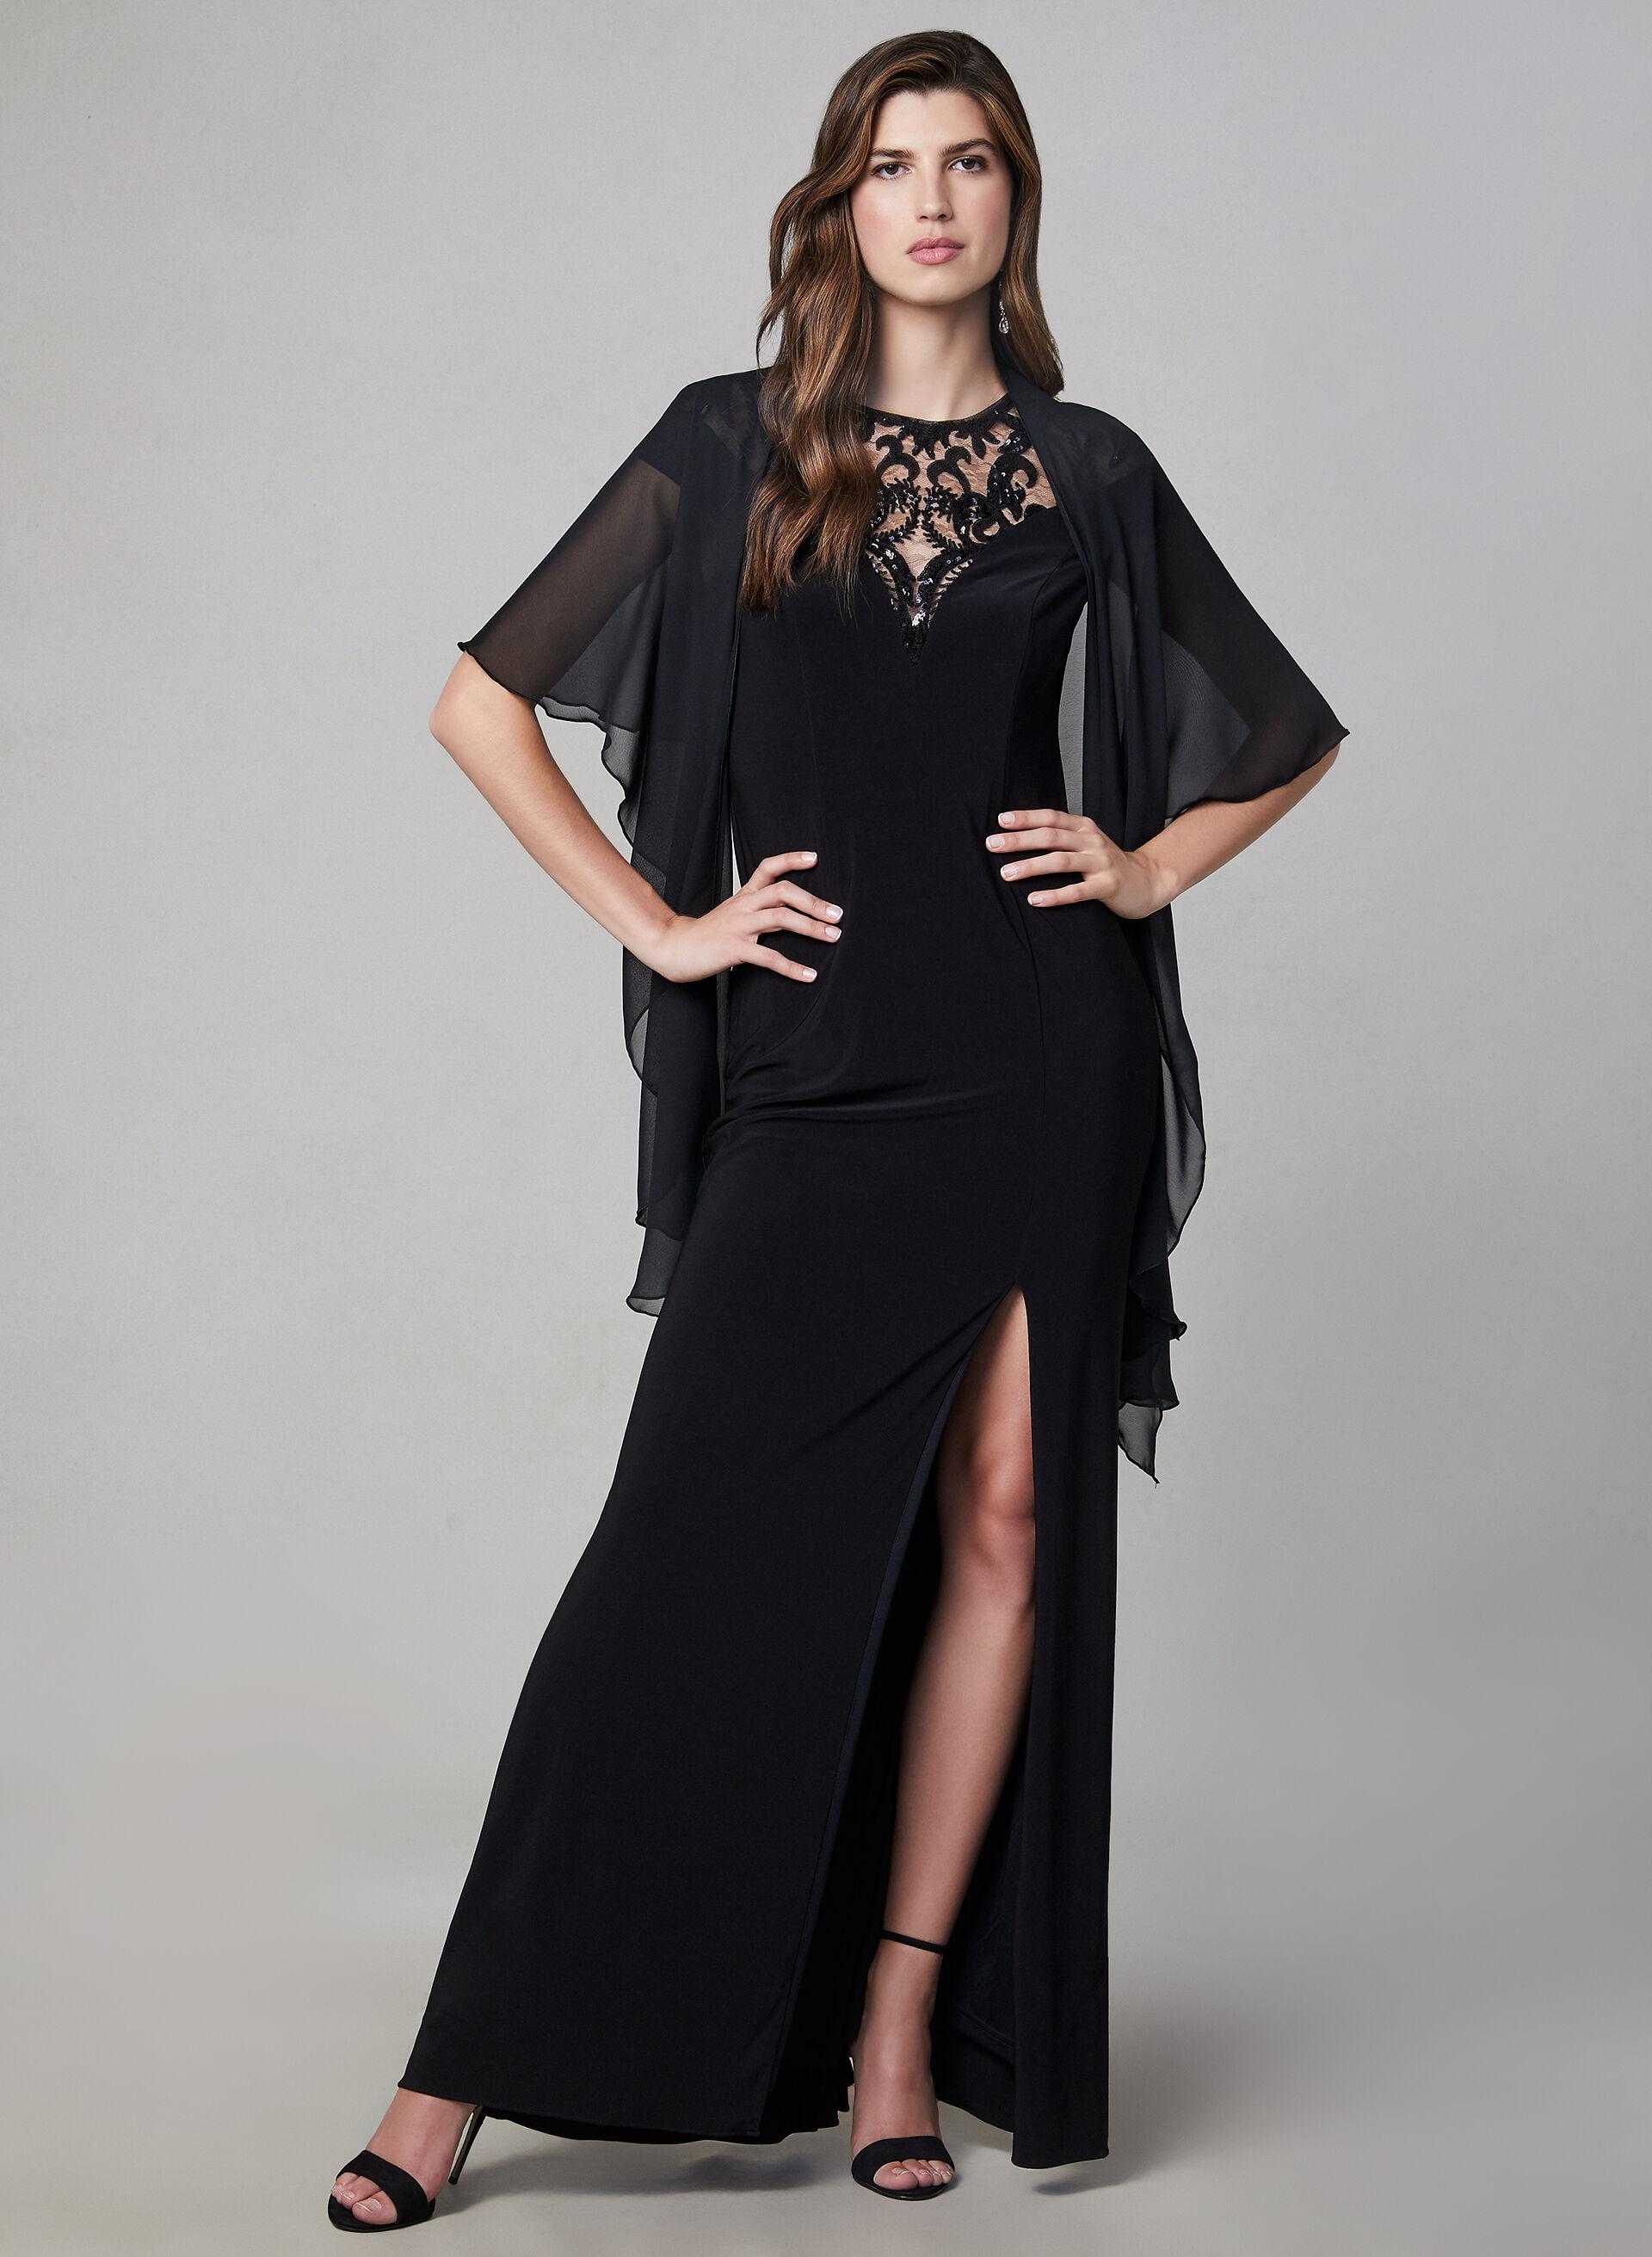 Shop Scarves & Wraps for Women | Melanie Lyne